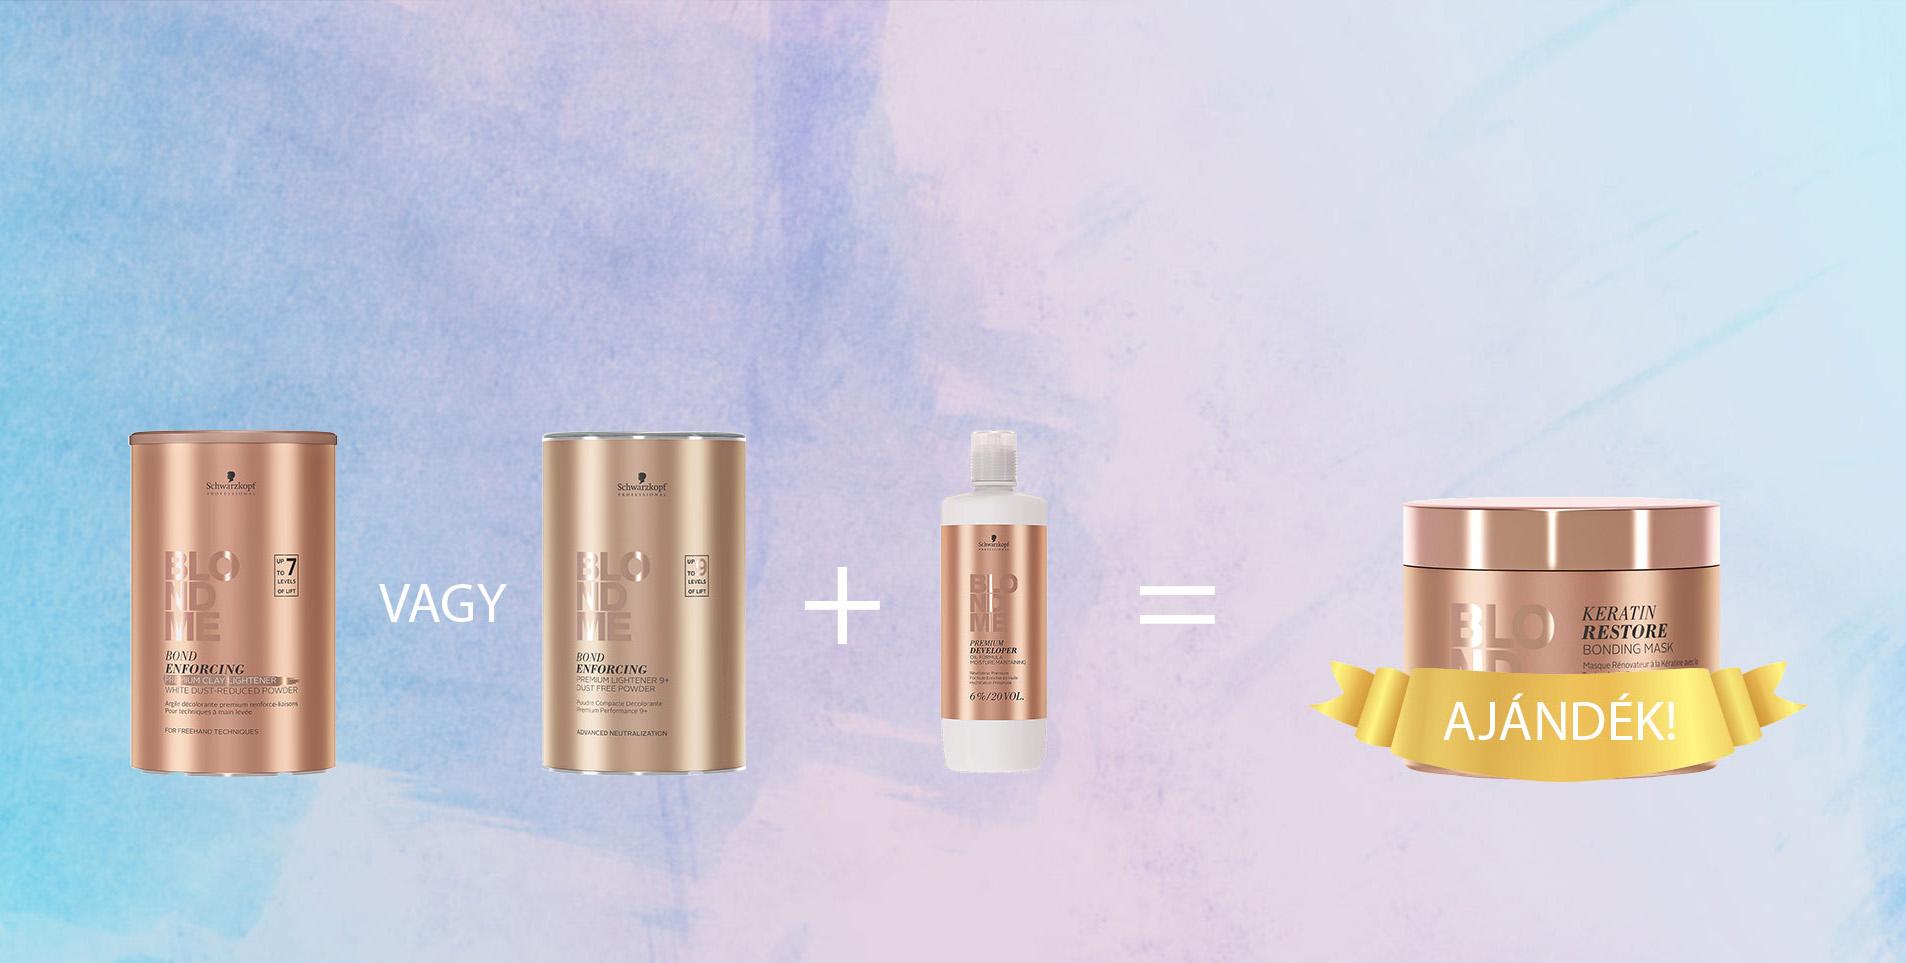 HATALMAS L'Oréal akció!